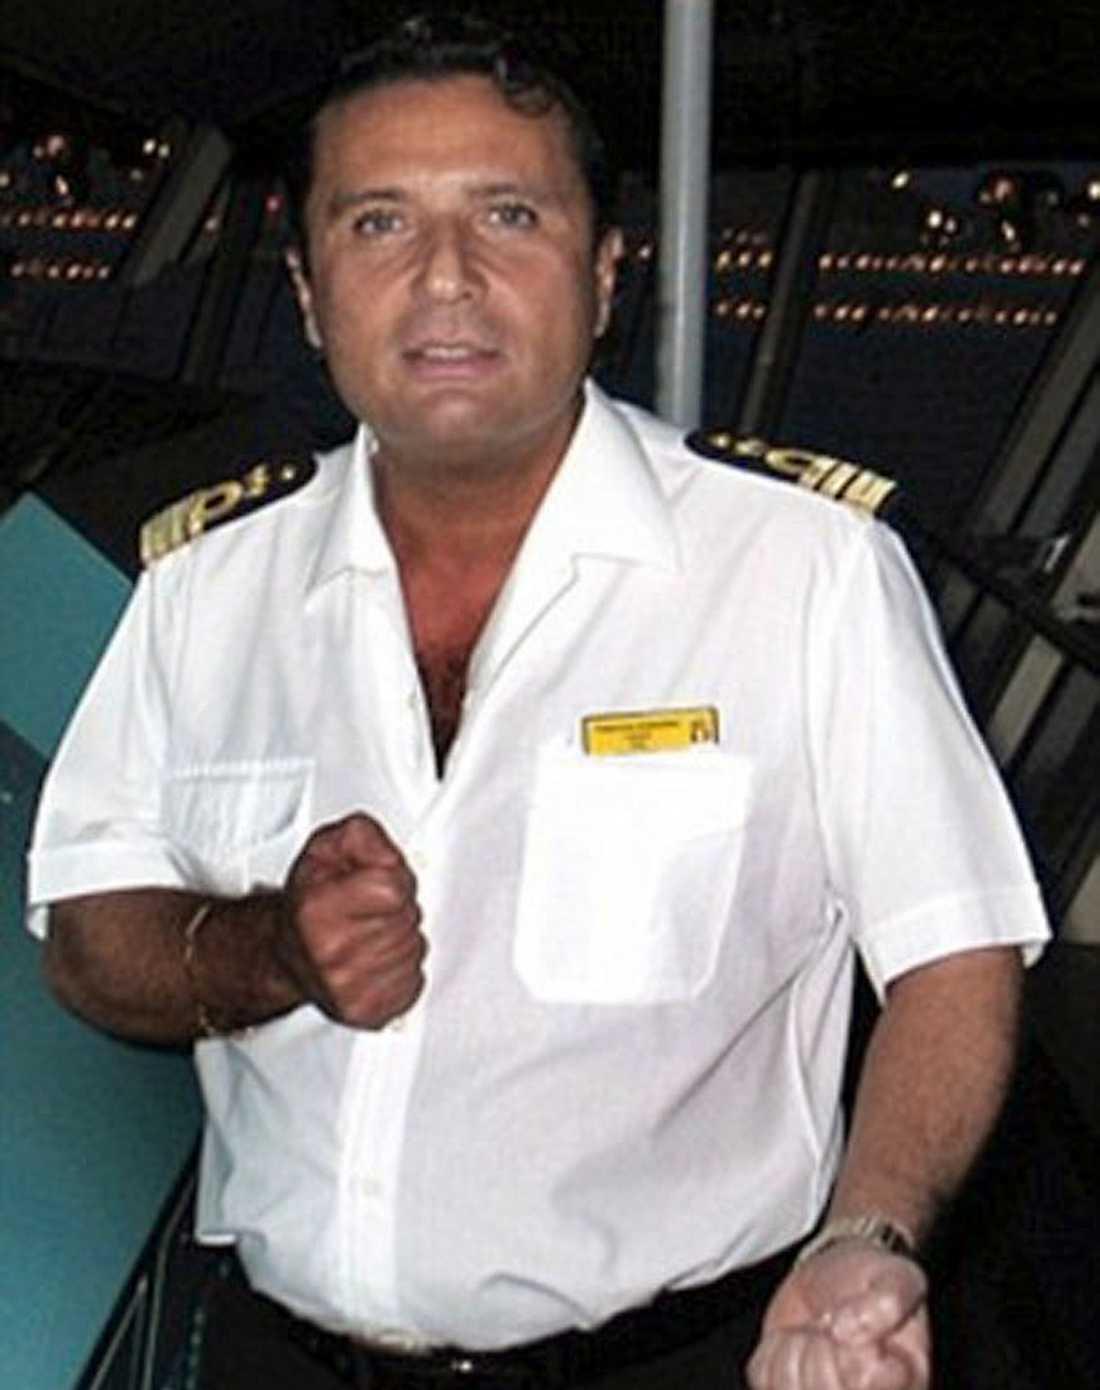 KAPTENEN Francesco Schettino, 51, övergav skeppet medan skräckslagna passagerare försökte ta sig därifrån. Dessförinnan ska han ha styrt lyxkryssaren för nära ön Giglio varpå hon slog i granitklippor som slet sönder hennes skrov.